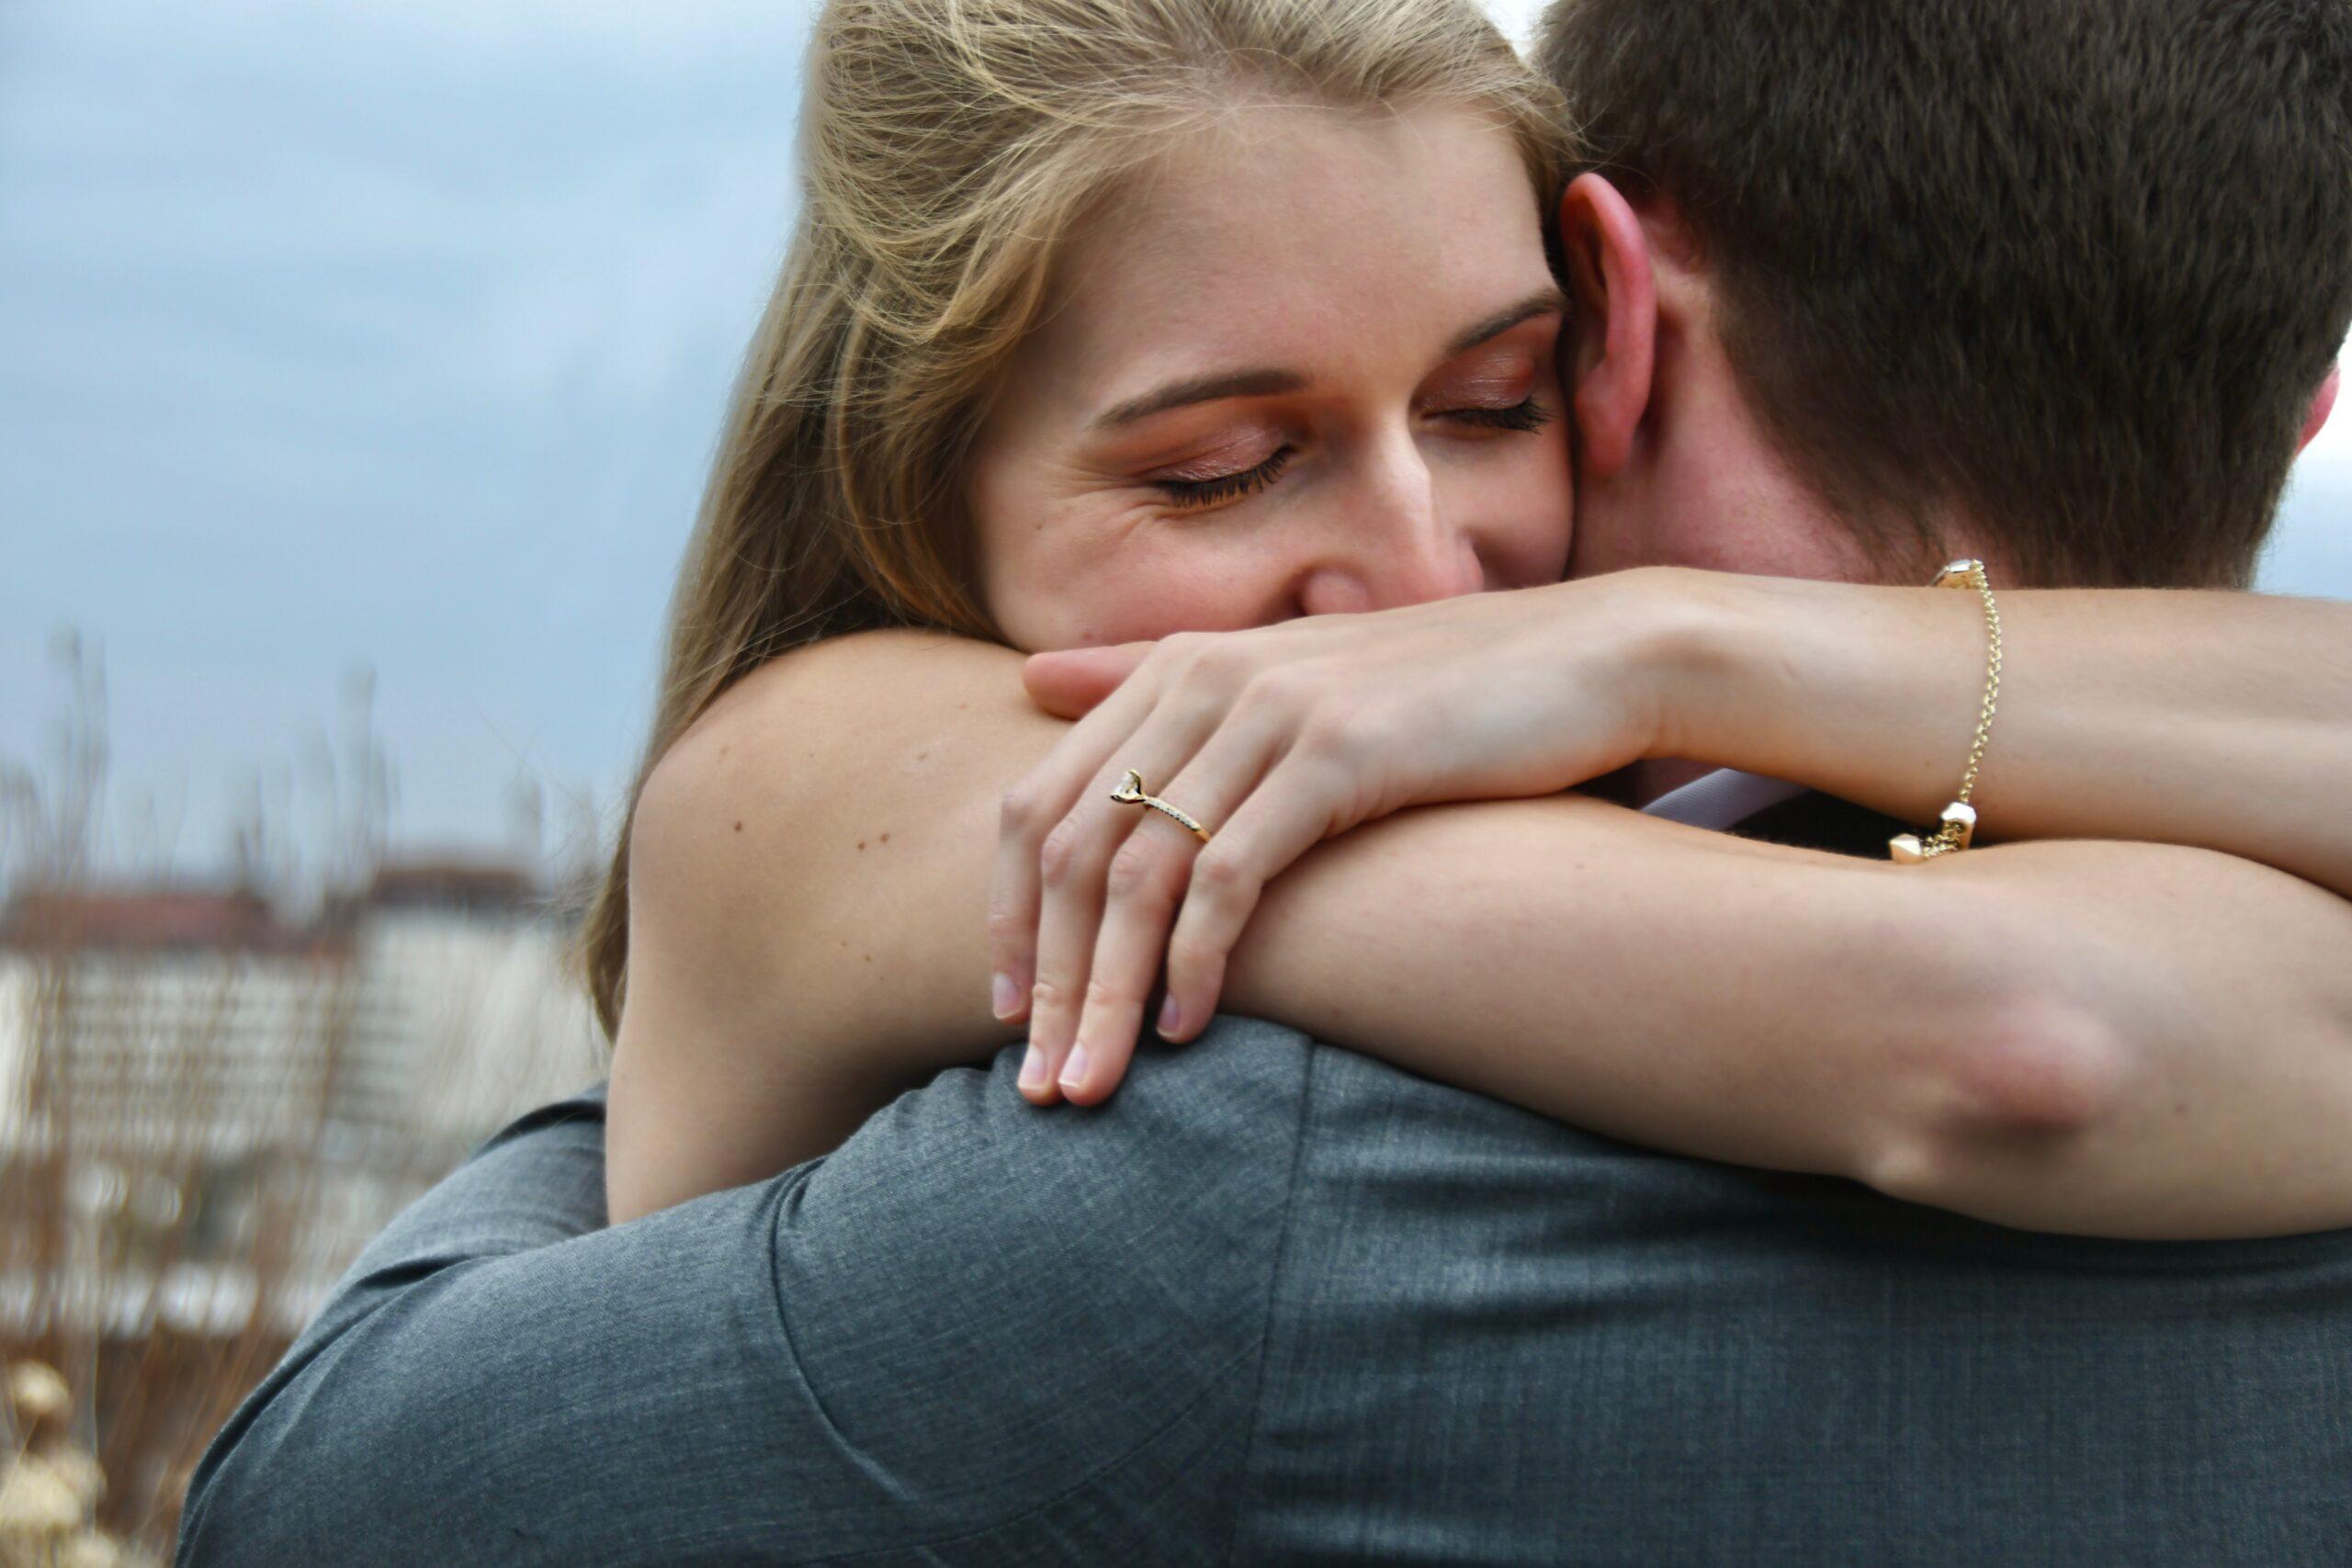 abraçar faz bem